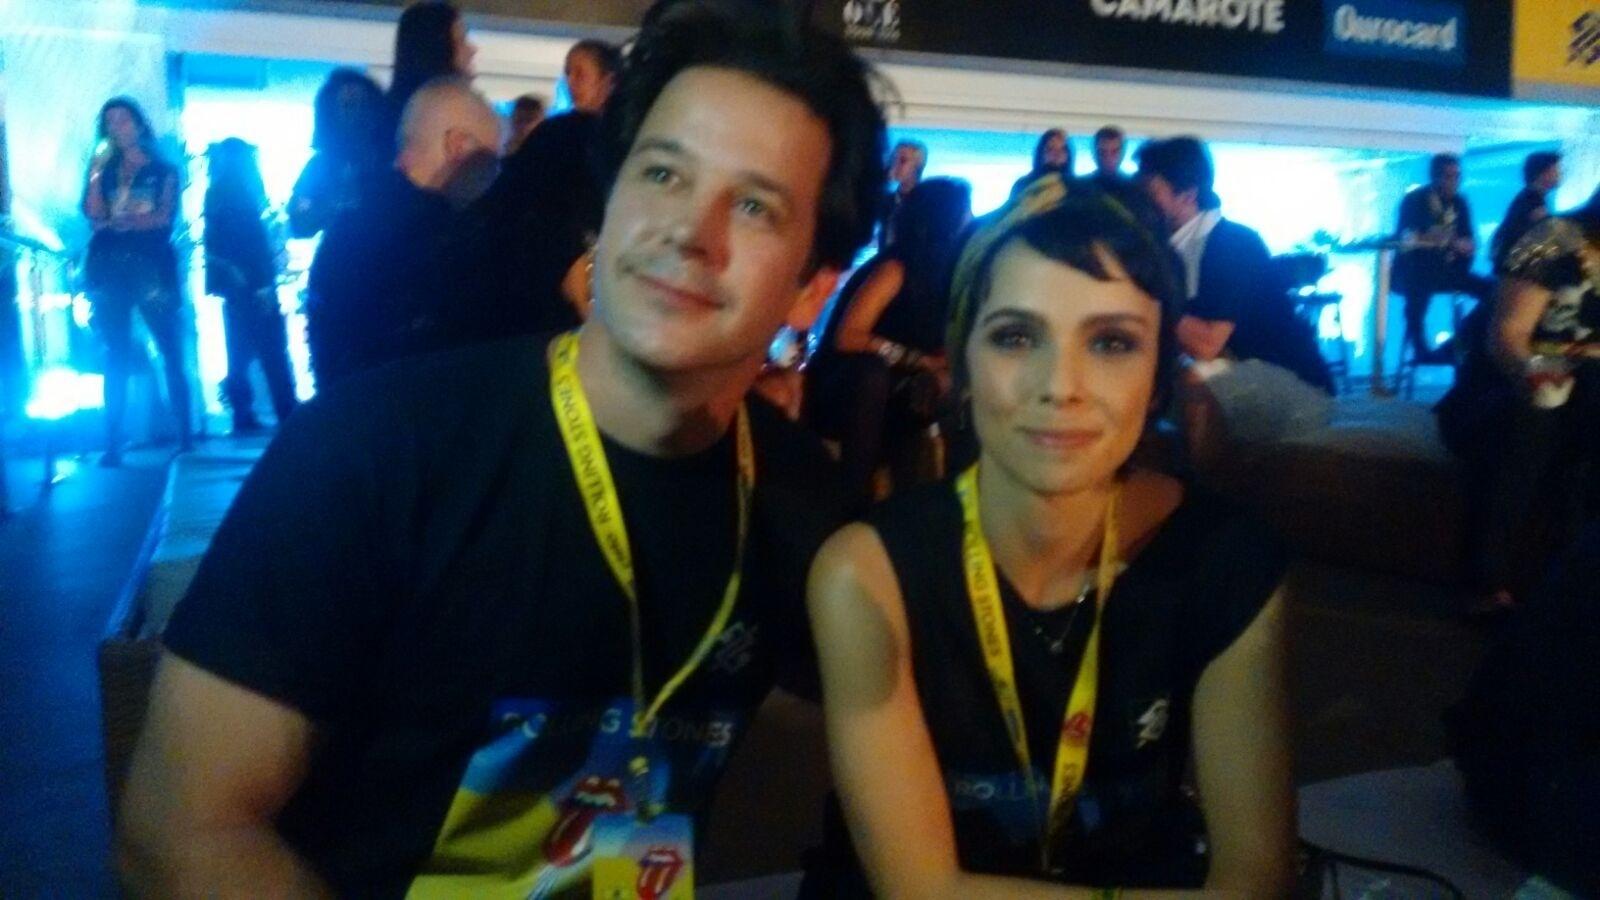 20.fev.2016 - Murilo Benício e Débora Falabella estavam ansiosos para o início do show do Rolling Stones. Os dois também assistiram a apresentação da banda no Reveillon de Copacabana em 2009 também no Rio de Janeiro